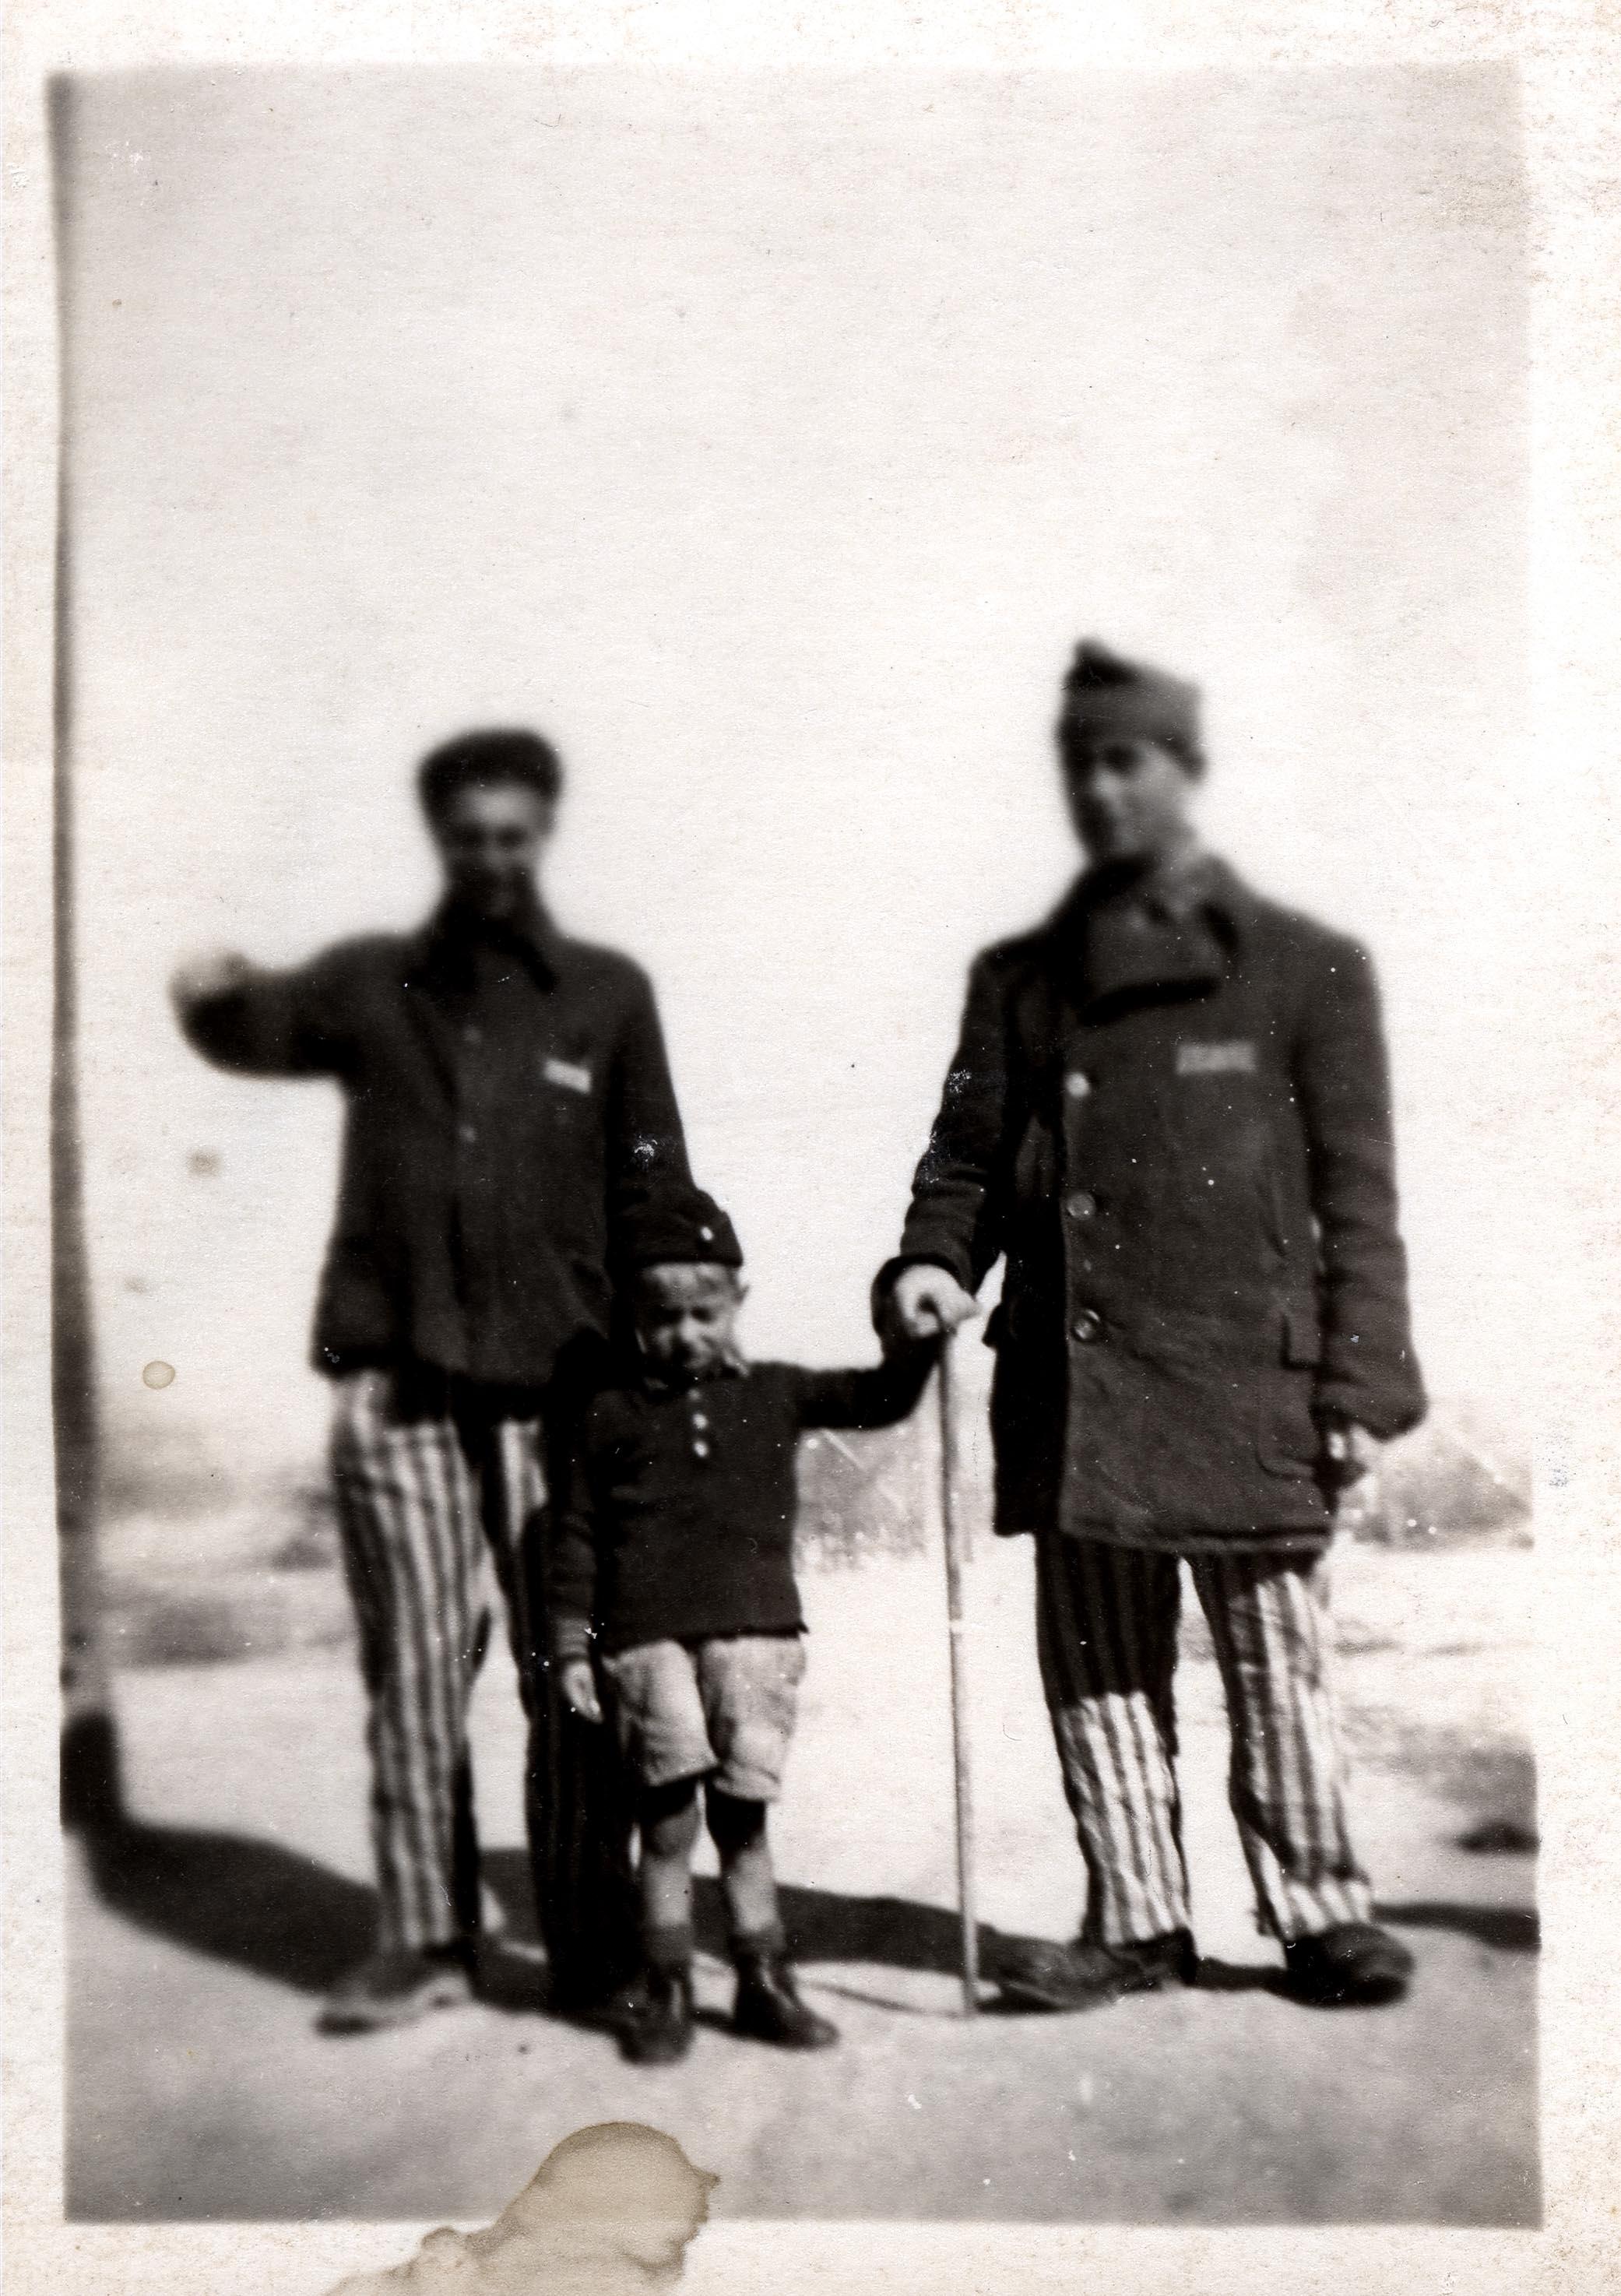 Buchenwald image 01, side 1